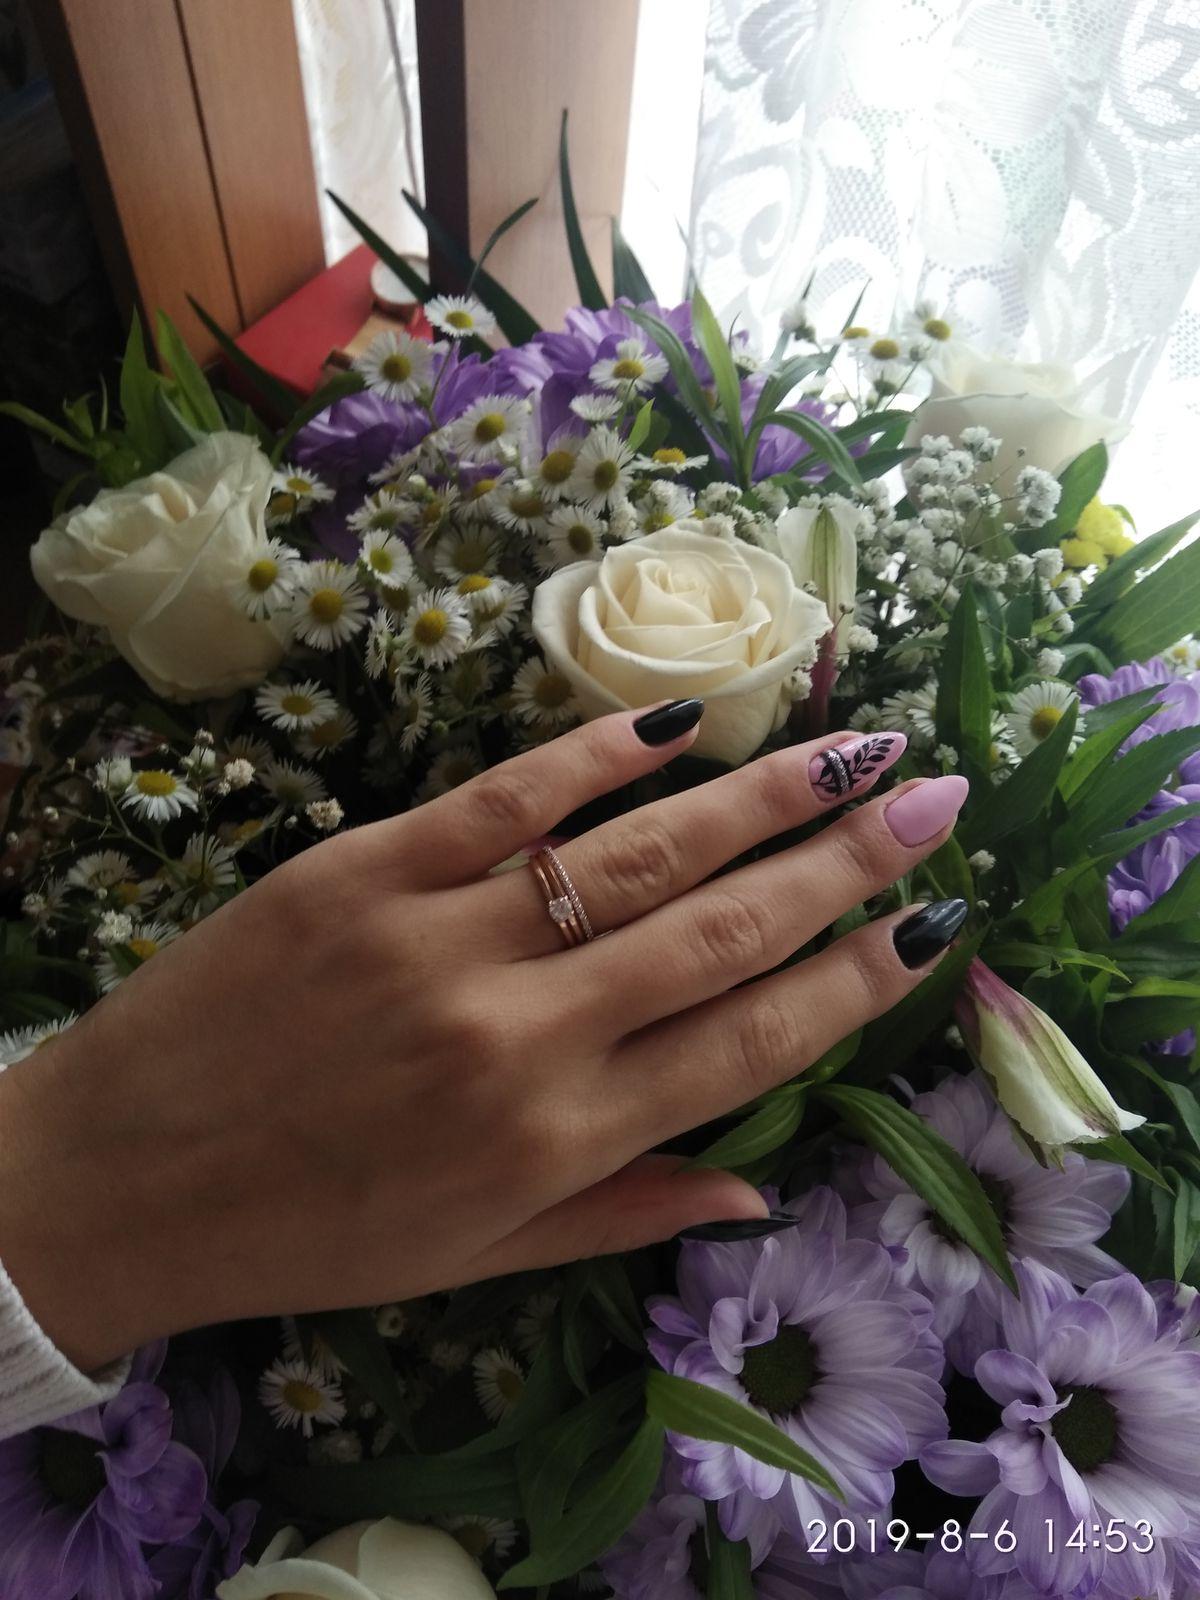 Красивое и элегантное кольцо